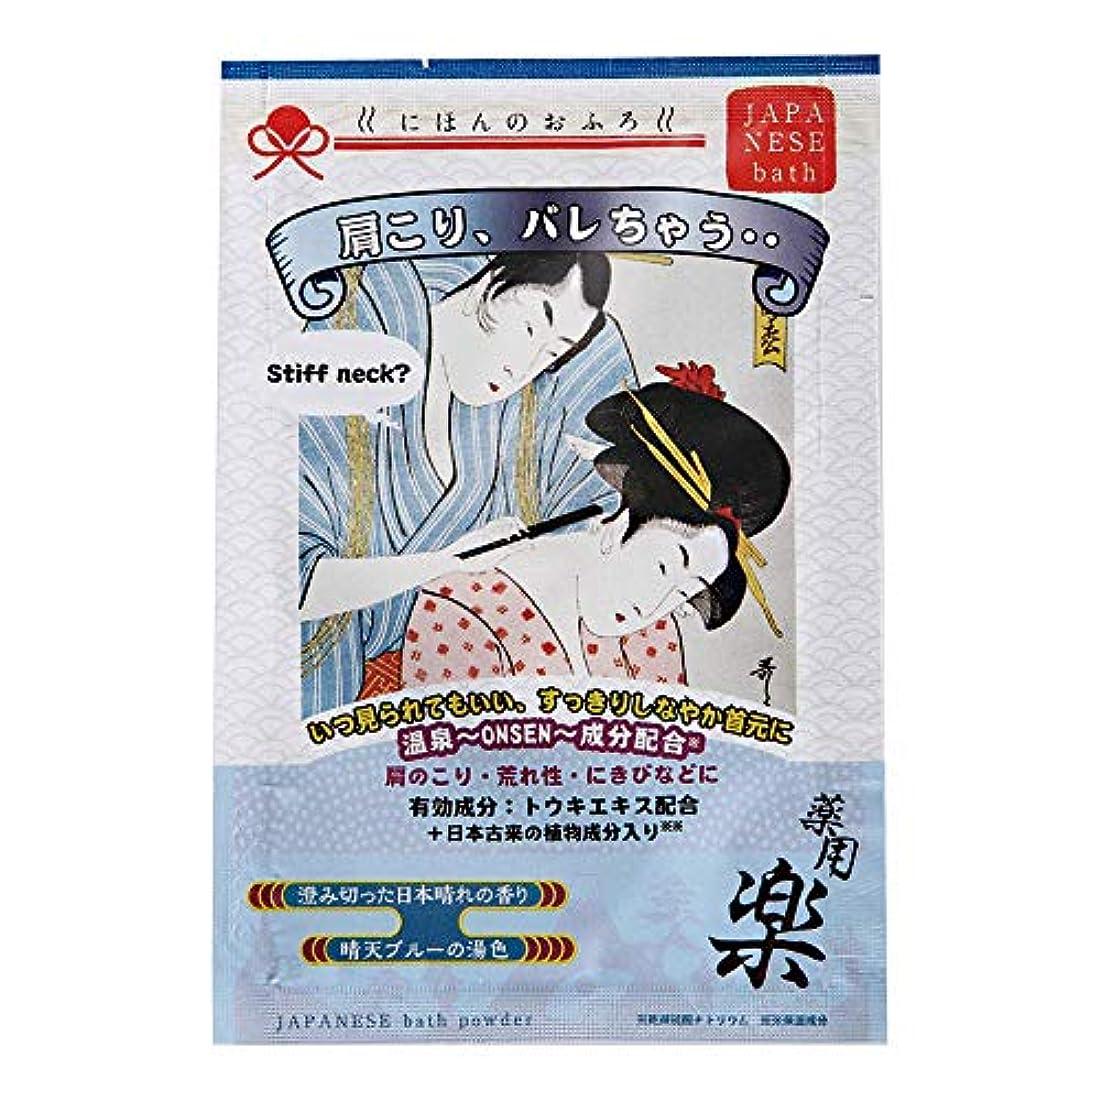 突破口湿気の多い偽装するにほんのおふろ 肩こり、バレちゃう?? 澄み切った日本晴れの香り 25g